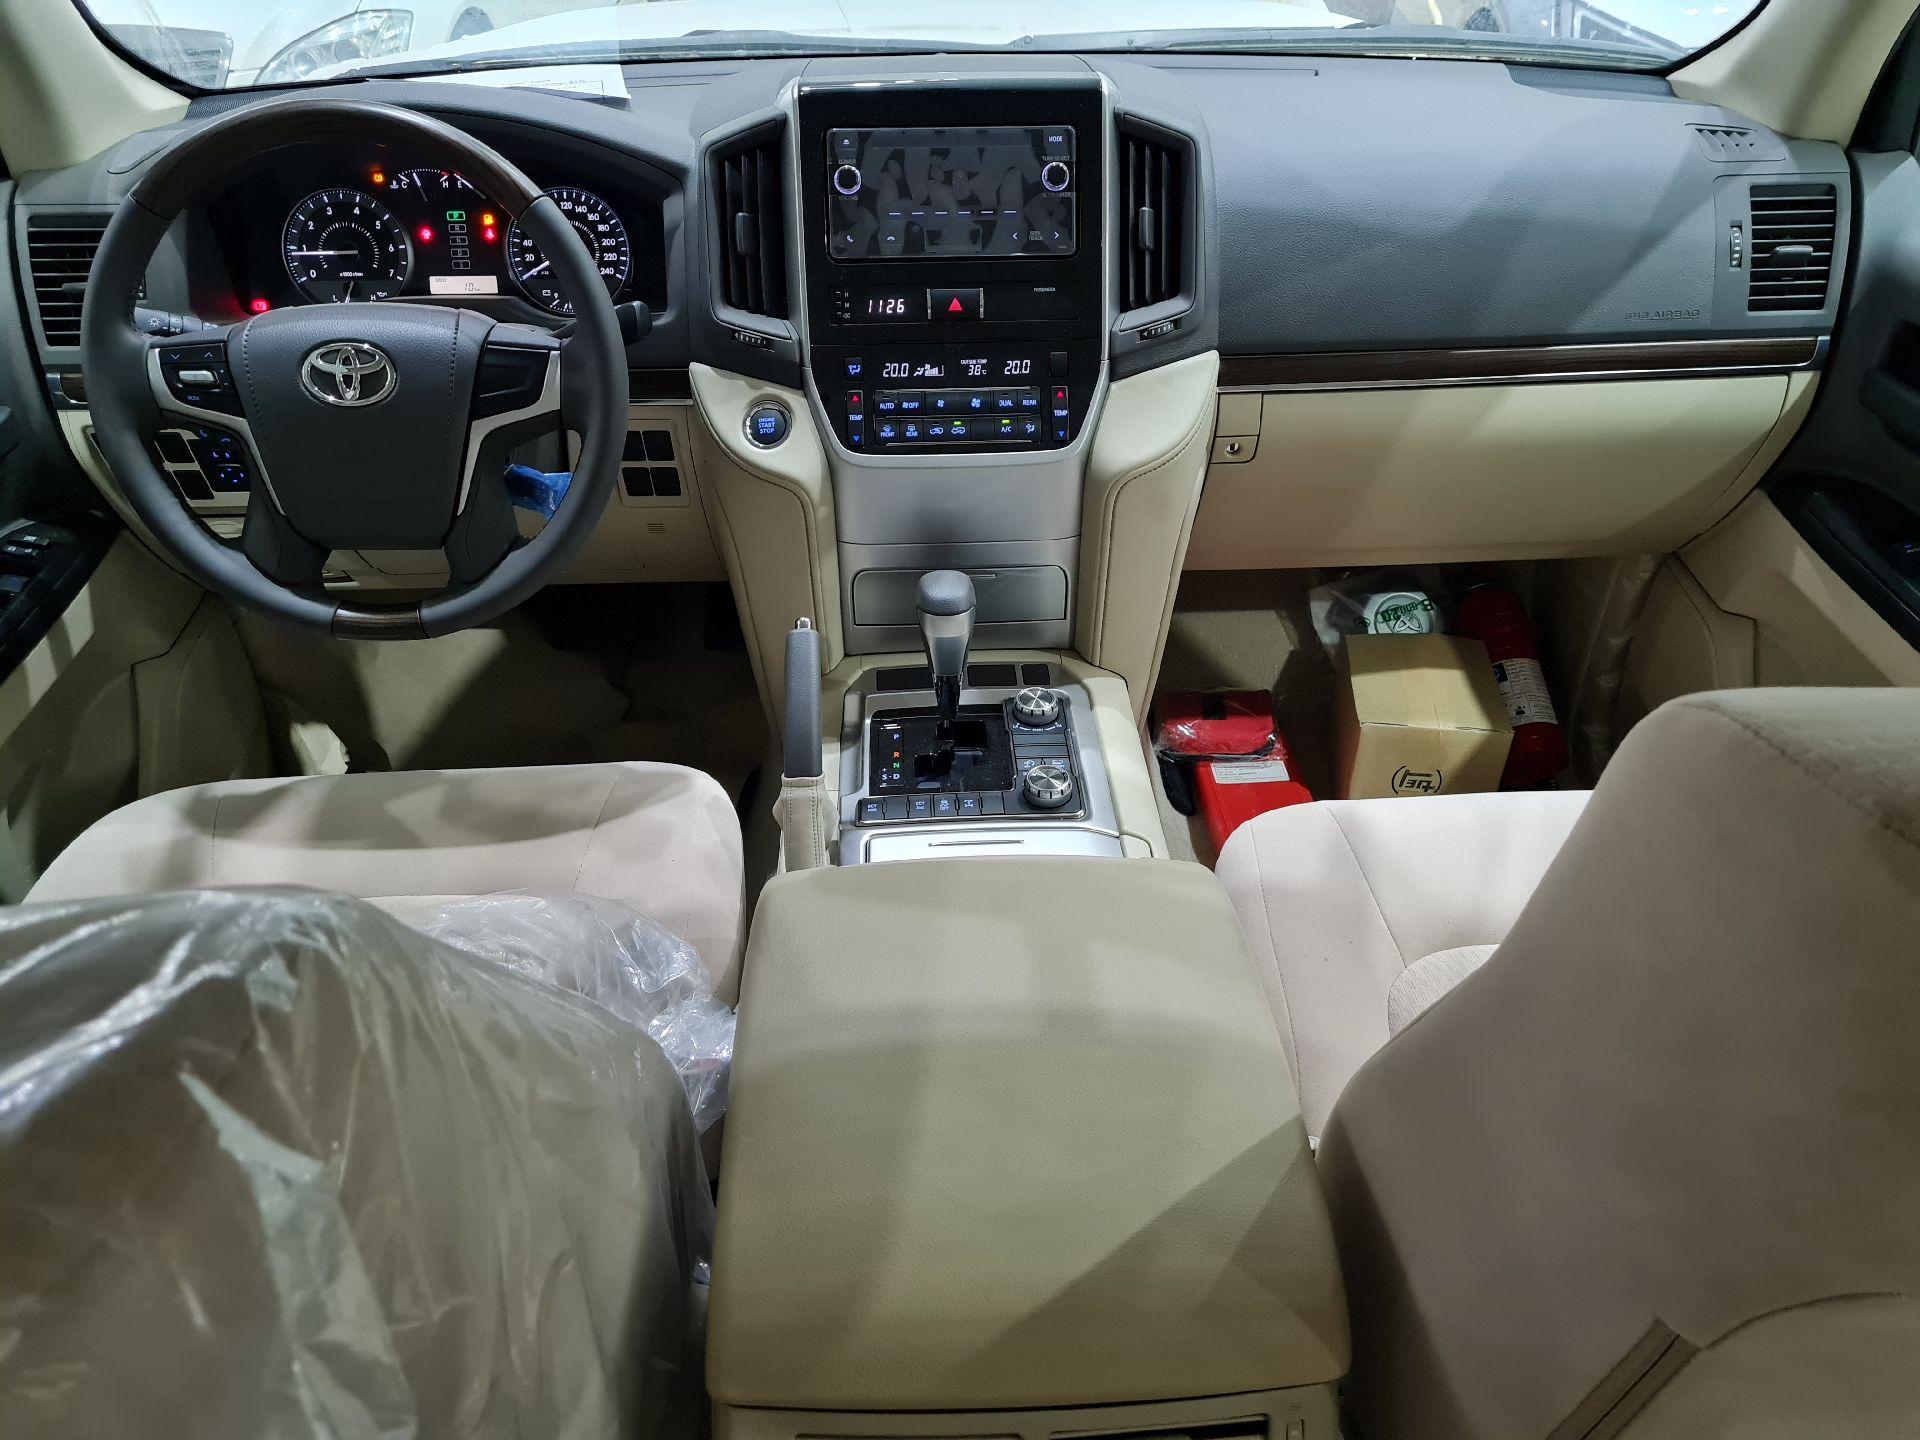 تويوتا لاندكروزر GXR1 2021 ستاندر عماني للبيع في الرياض - السعودية - صورة كبيرة - 8